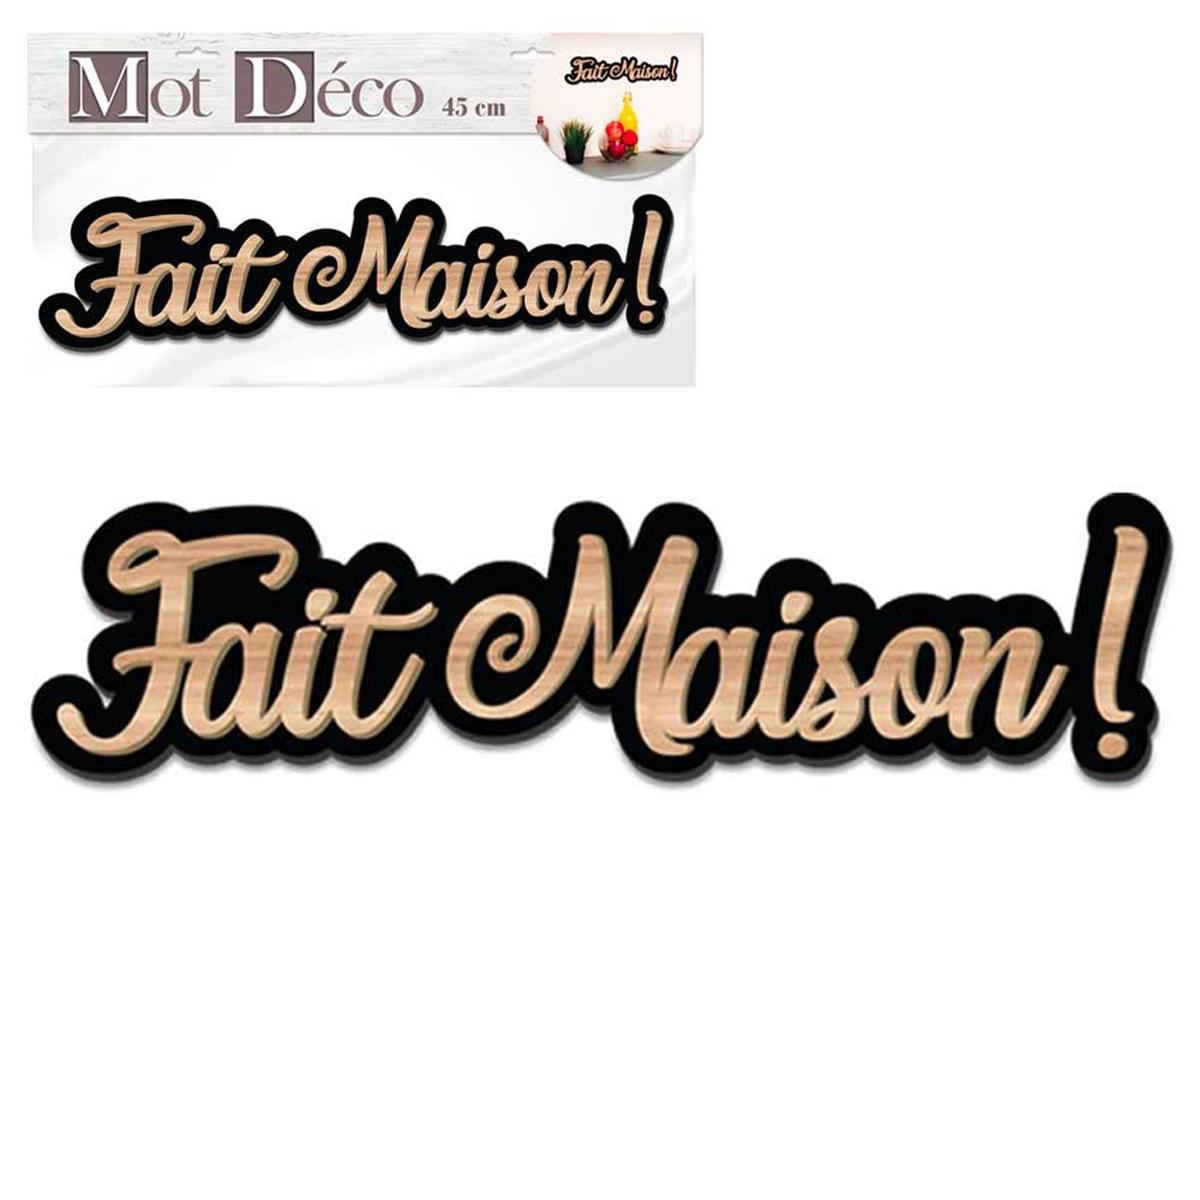 Mot Déco bois 3D \'Fait Maison !\' marron noir - 45x10x1 cm - [Q7319]